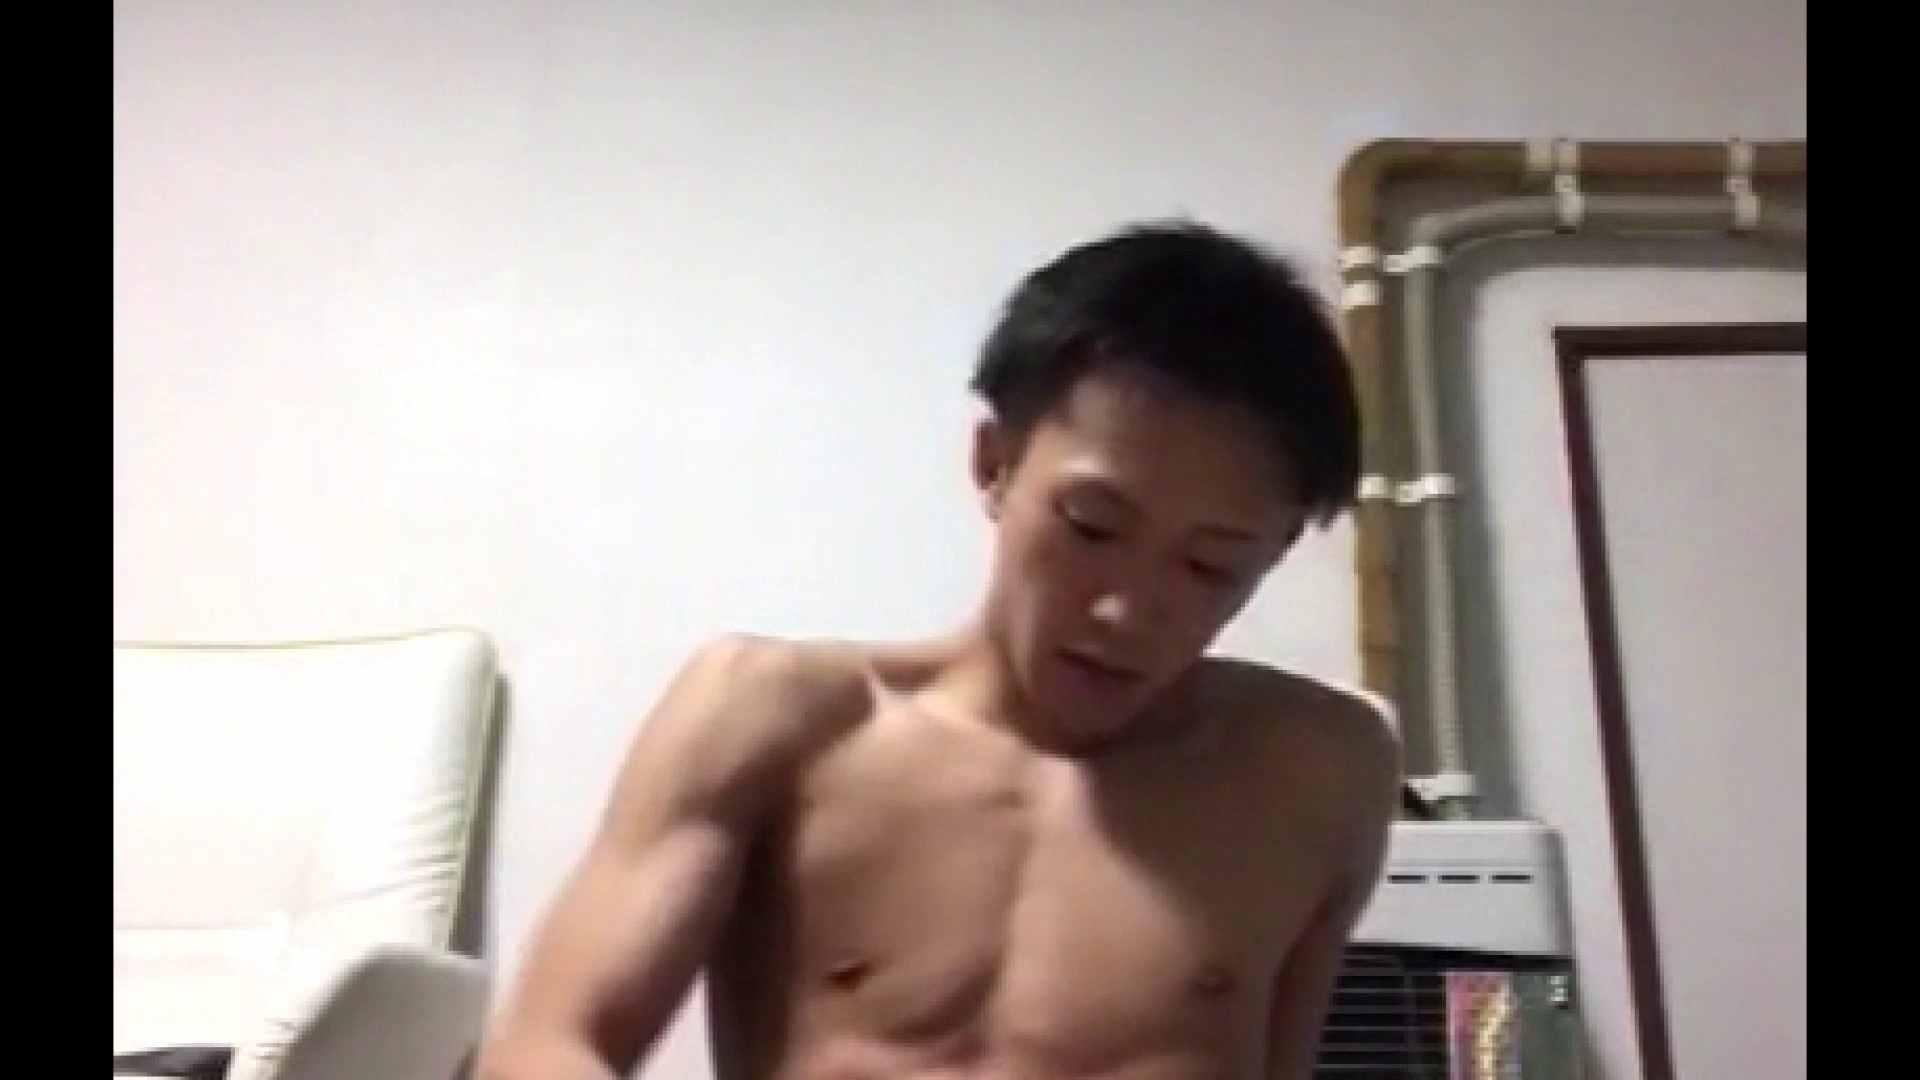 個人撮影 自慰の極意 Vol.50 自慰シーン ゲイアダルトビデオ画像 109枚 83